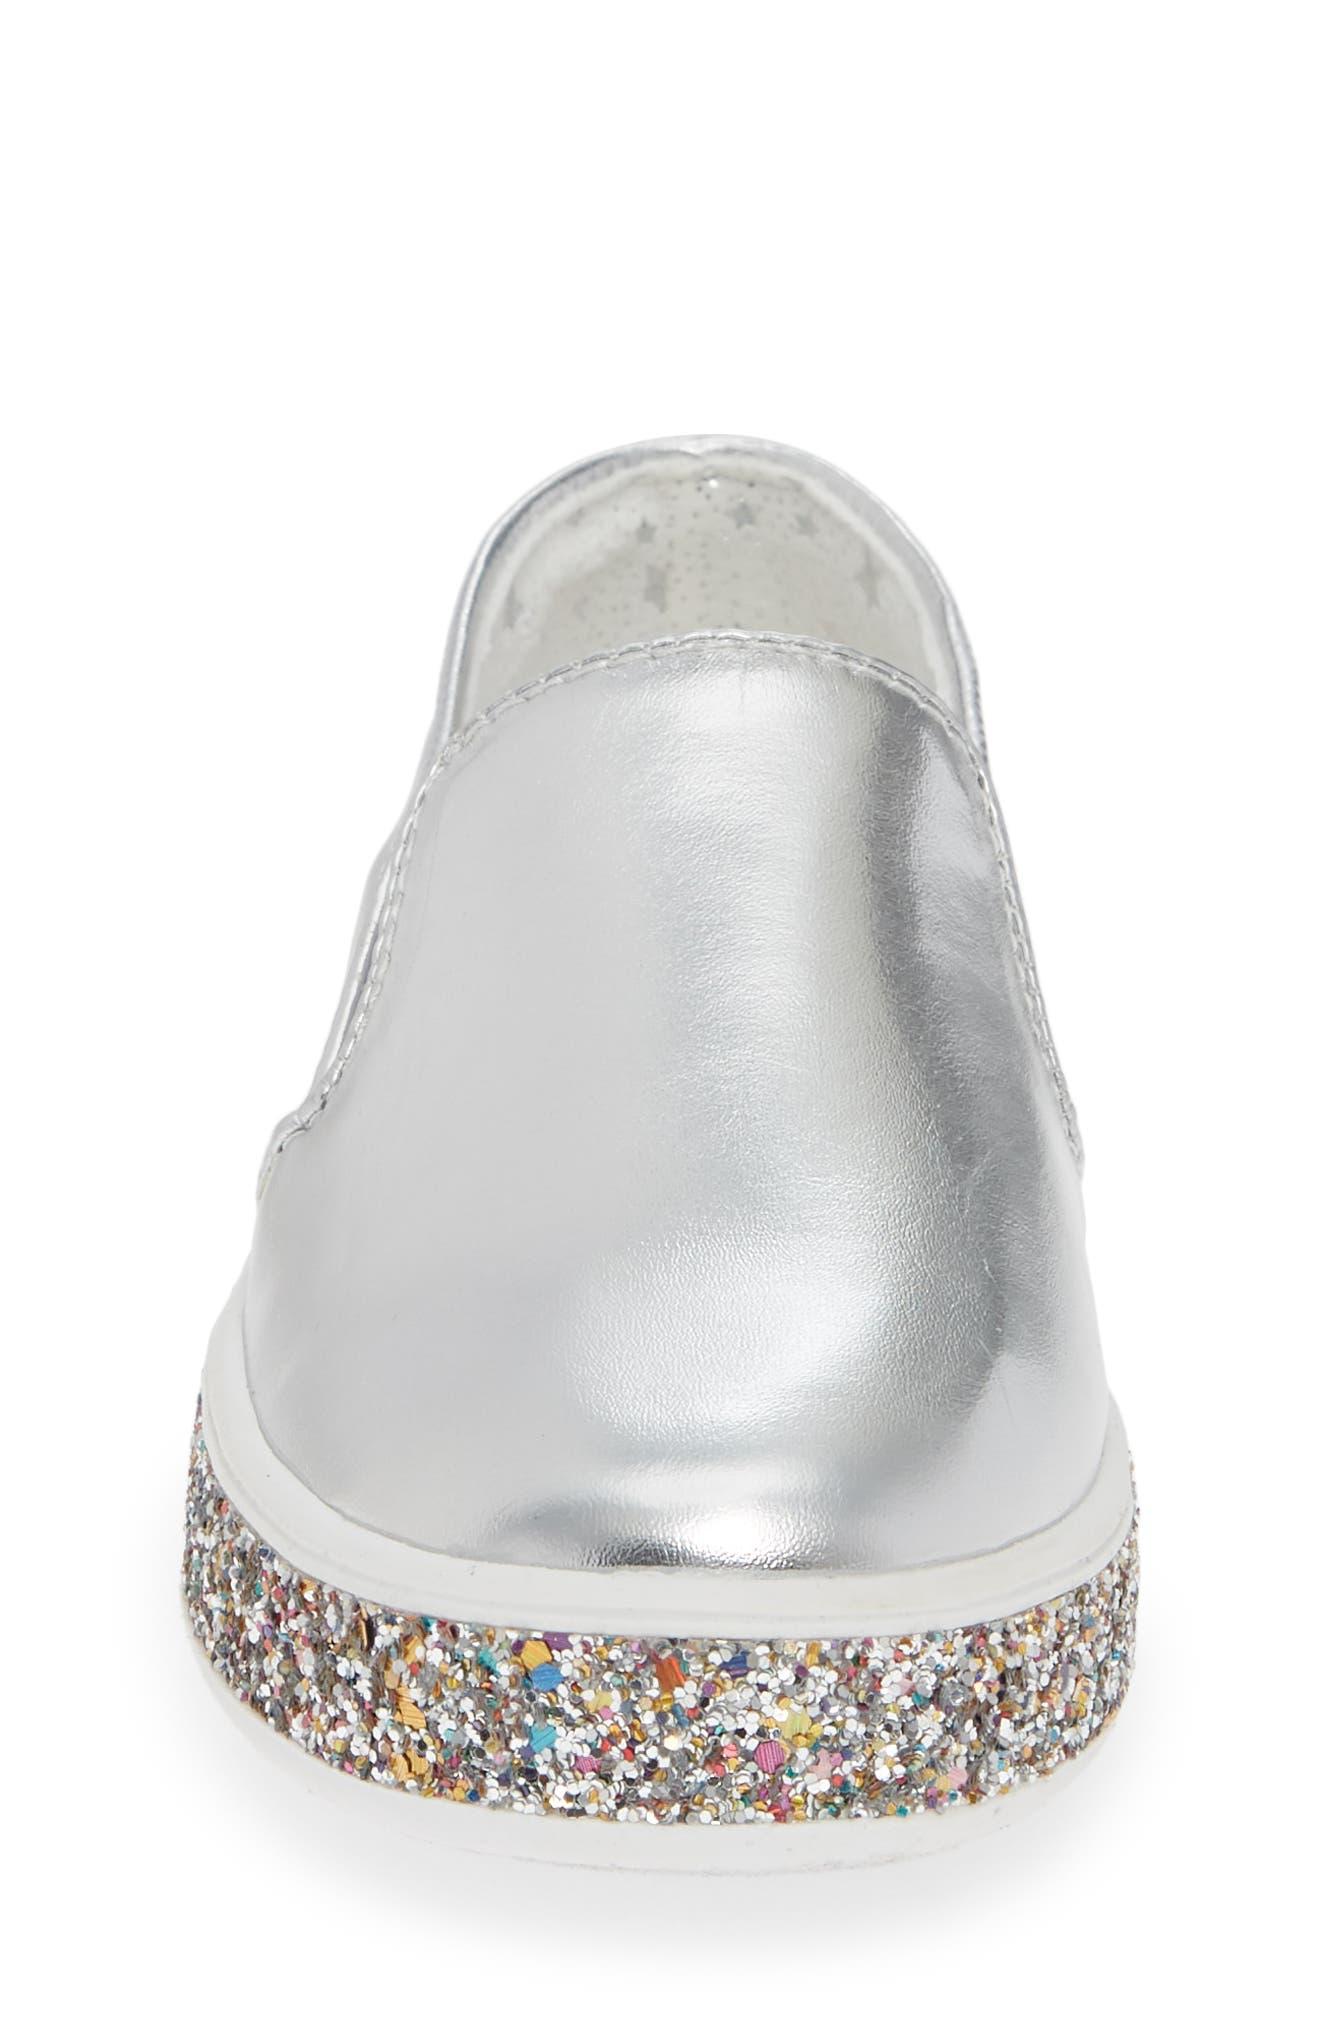 Jglorie Glitter Slip-On Sneaker,                             Alternate thumbnail 4, color,                             SILVER